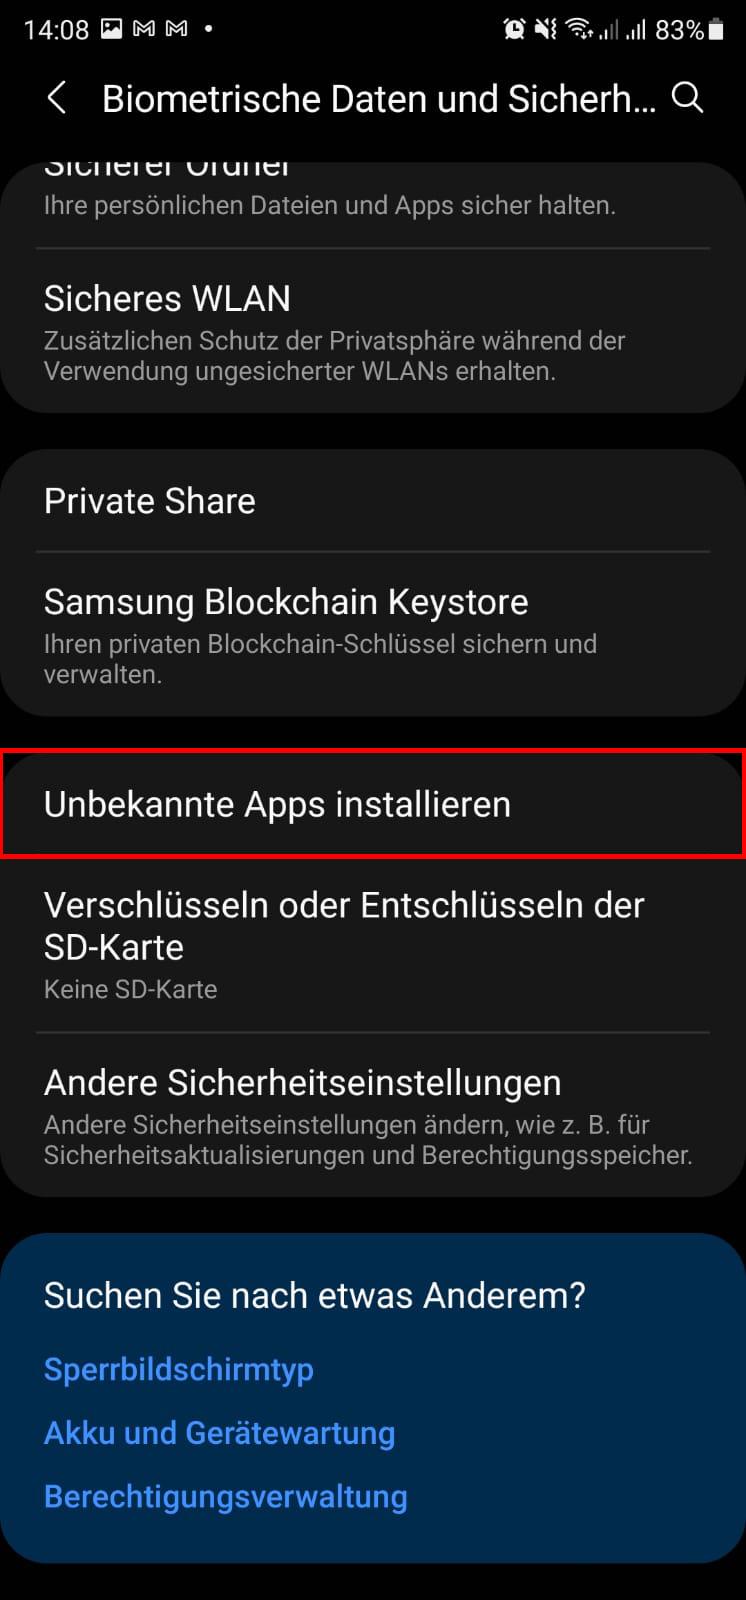 Samsung Galaxy Unbekannte Apps installieren